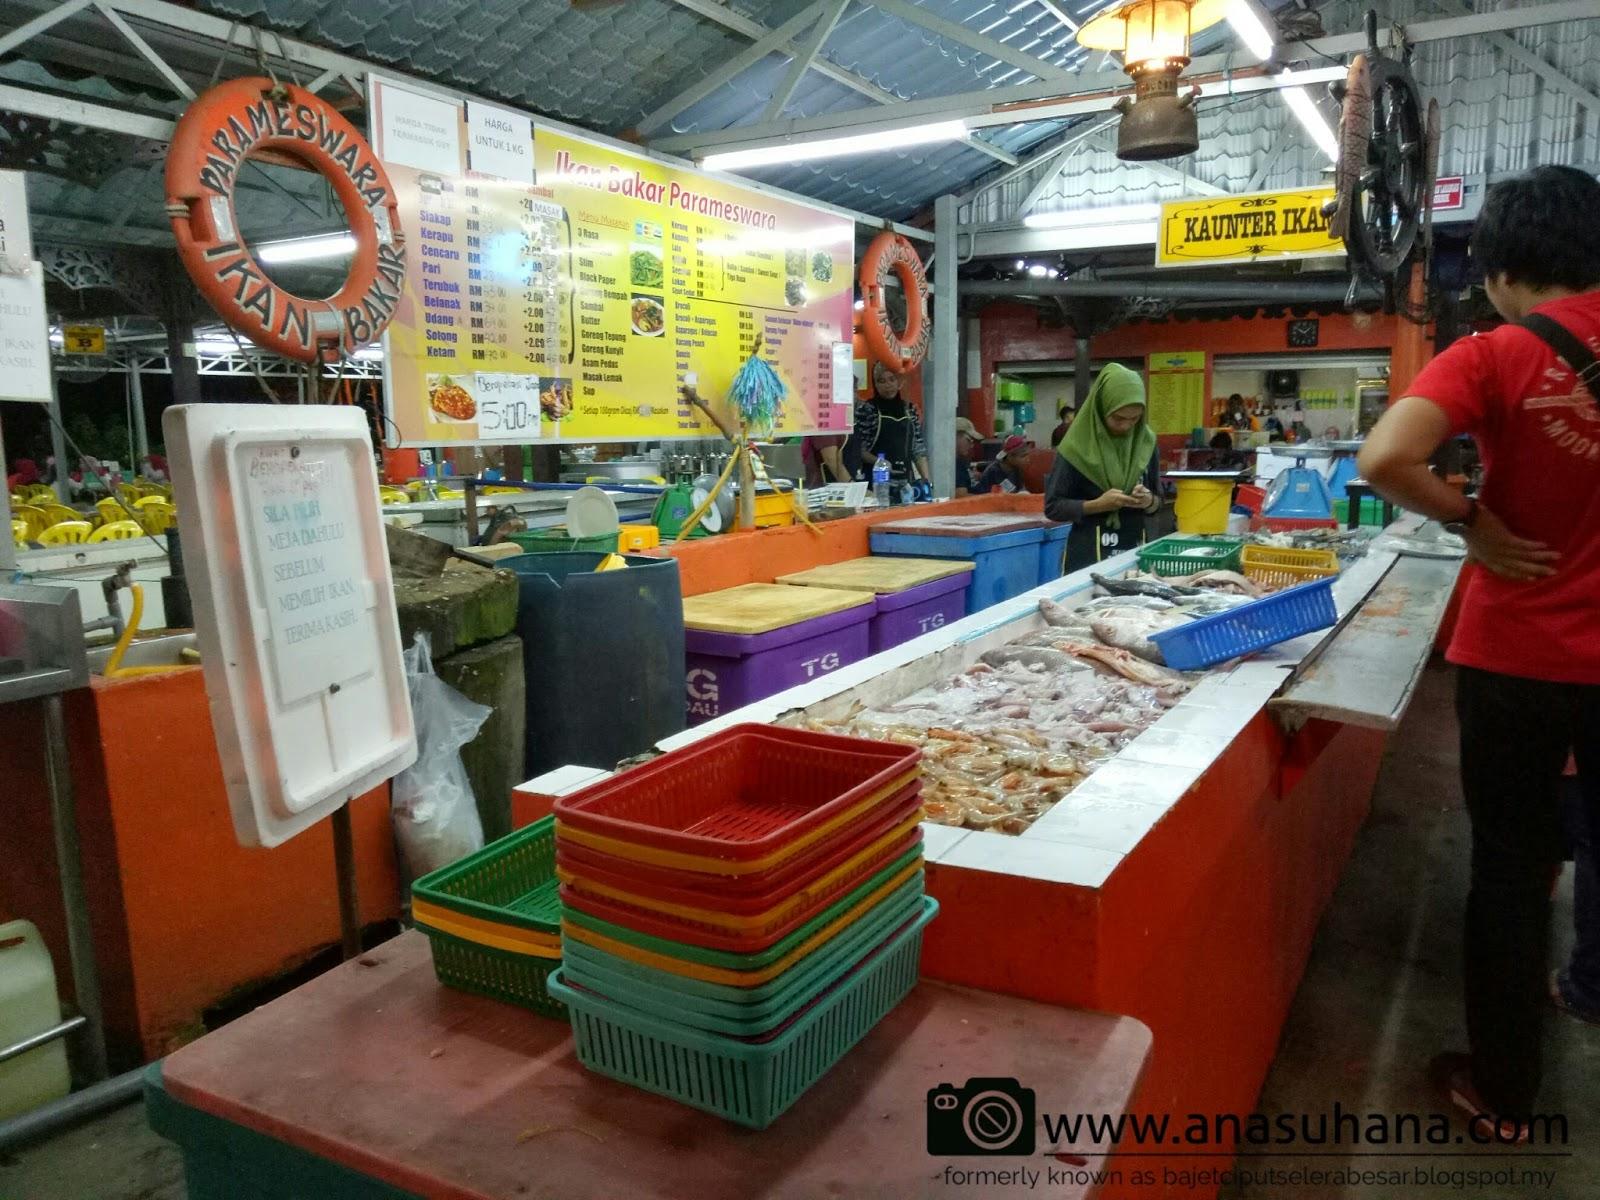 Tempat Menarik di Melaka : Makan Malam di Ikan Bakar Parameswara